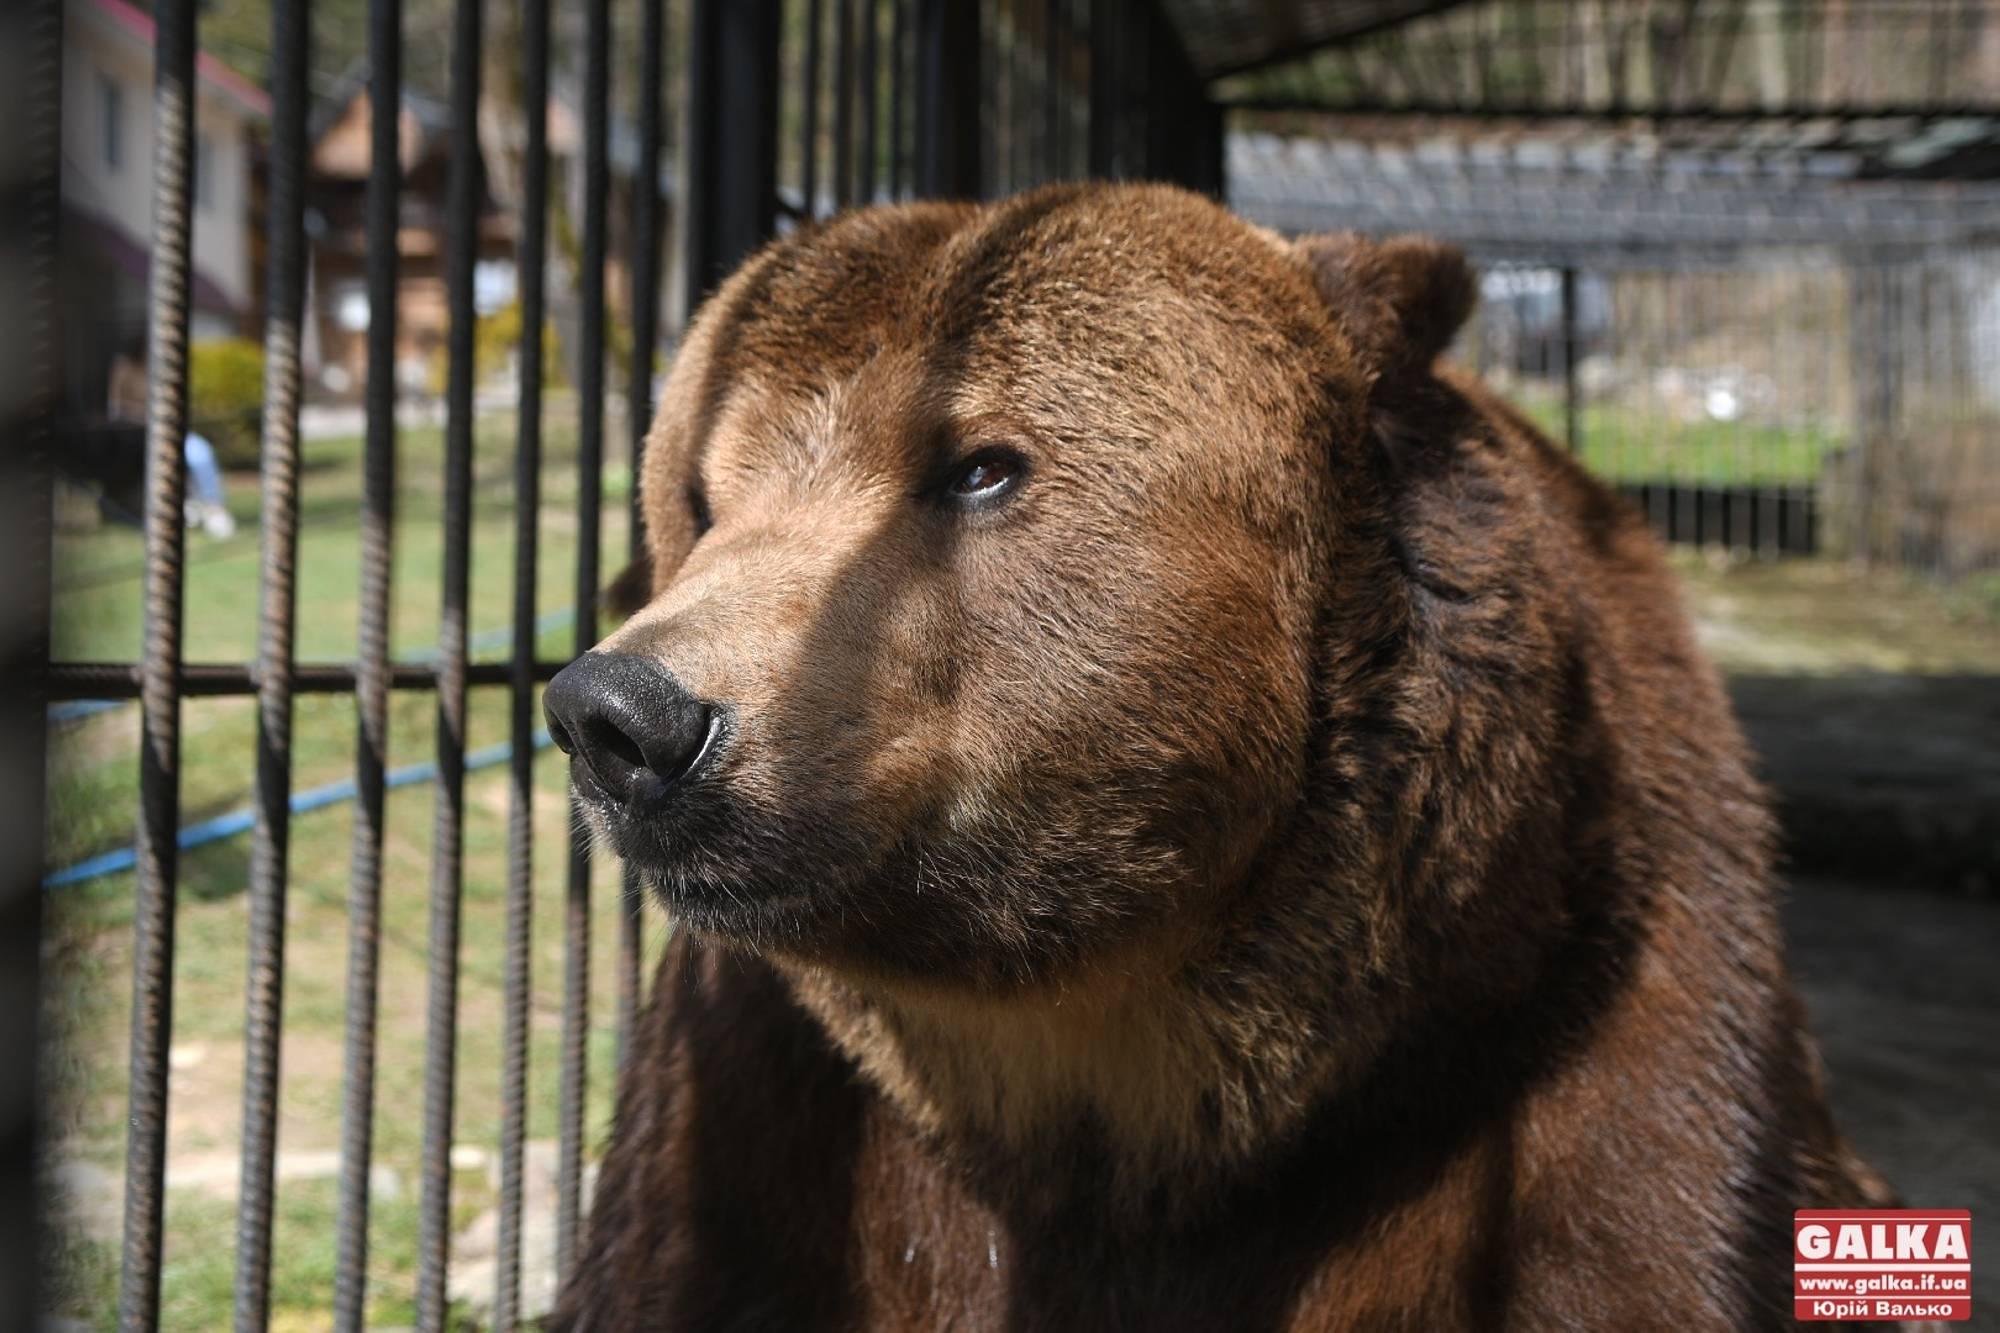 """Операція """"Врятувати Юру"""": відомого ведмедя з вольєра у Косові забрали у реабілітаційний центр (ФОТО, ВІДЕО)"""